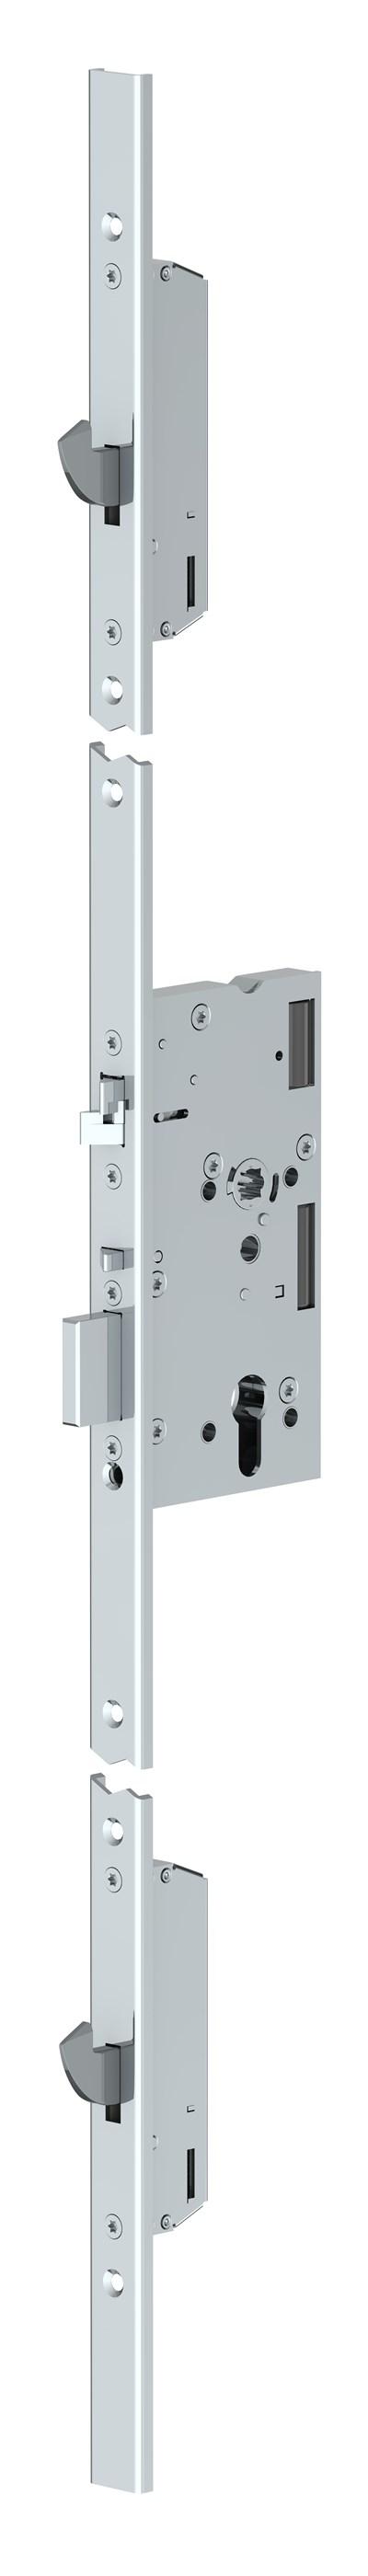 Lock case EL166